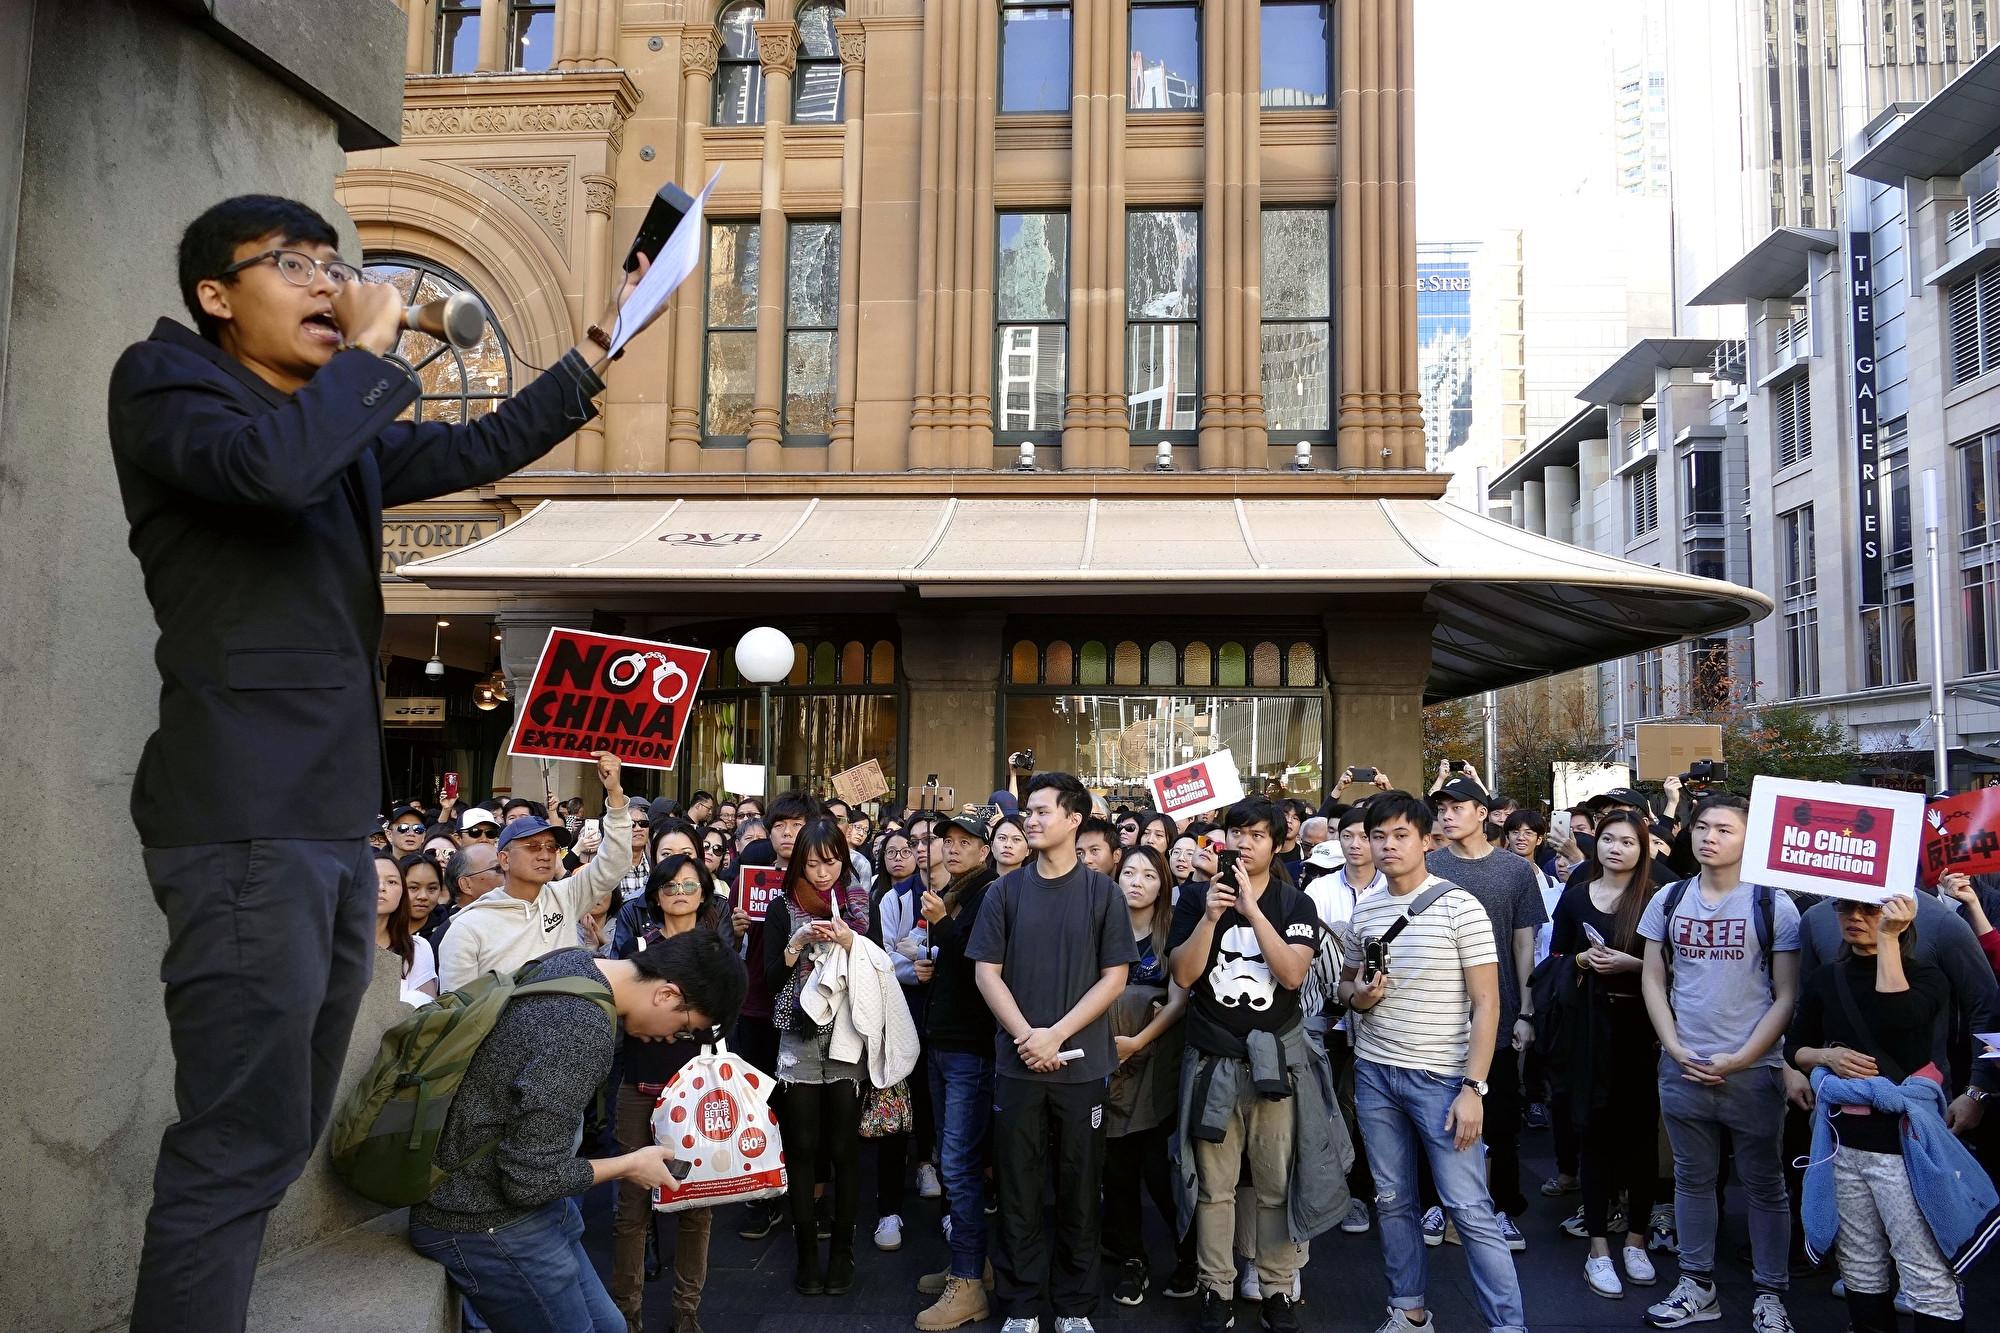 悉尼維多利亞女王大廈再度演講集會。(安平雅/大紀元)